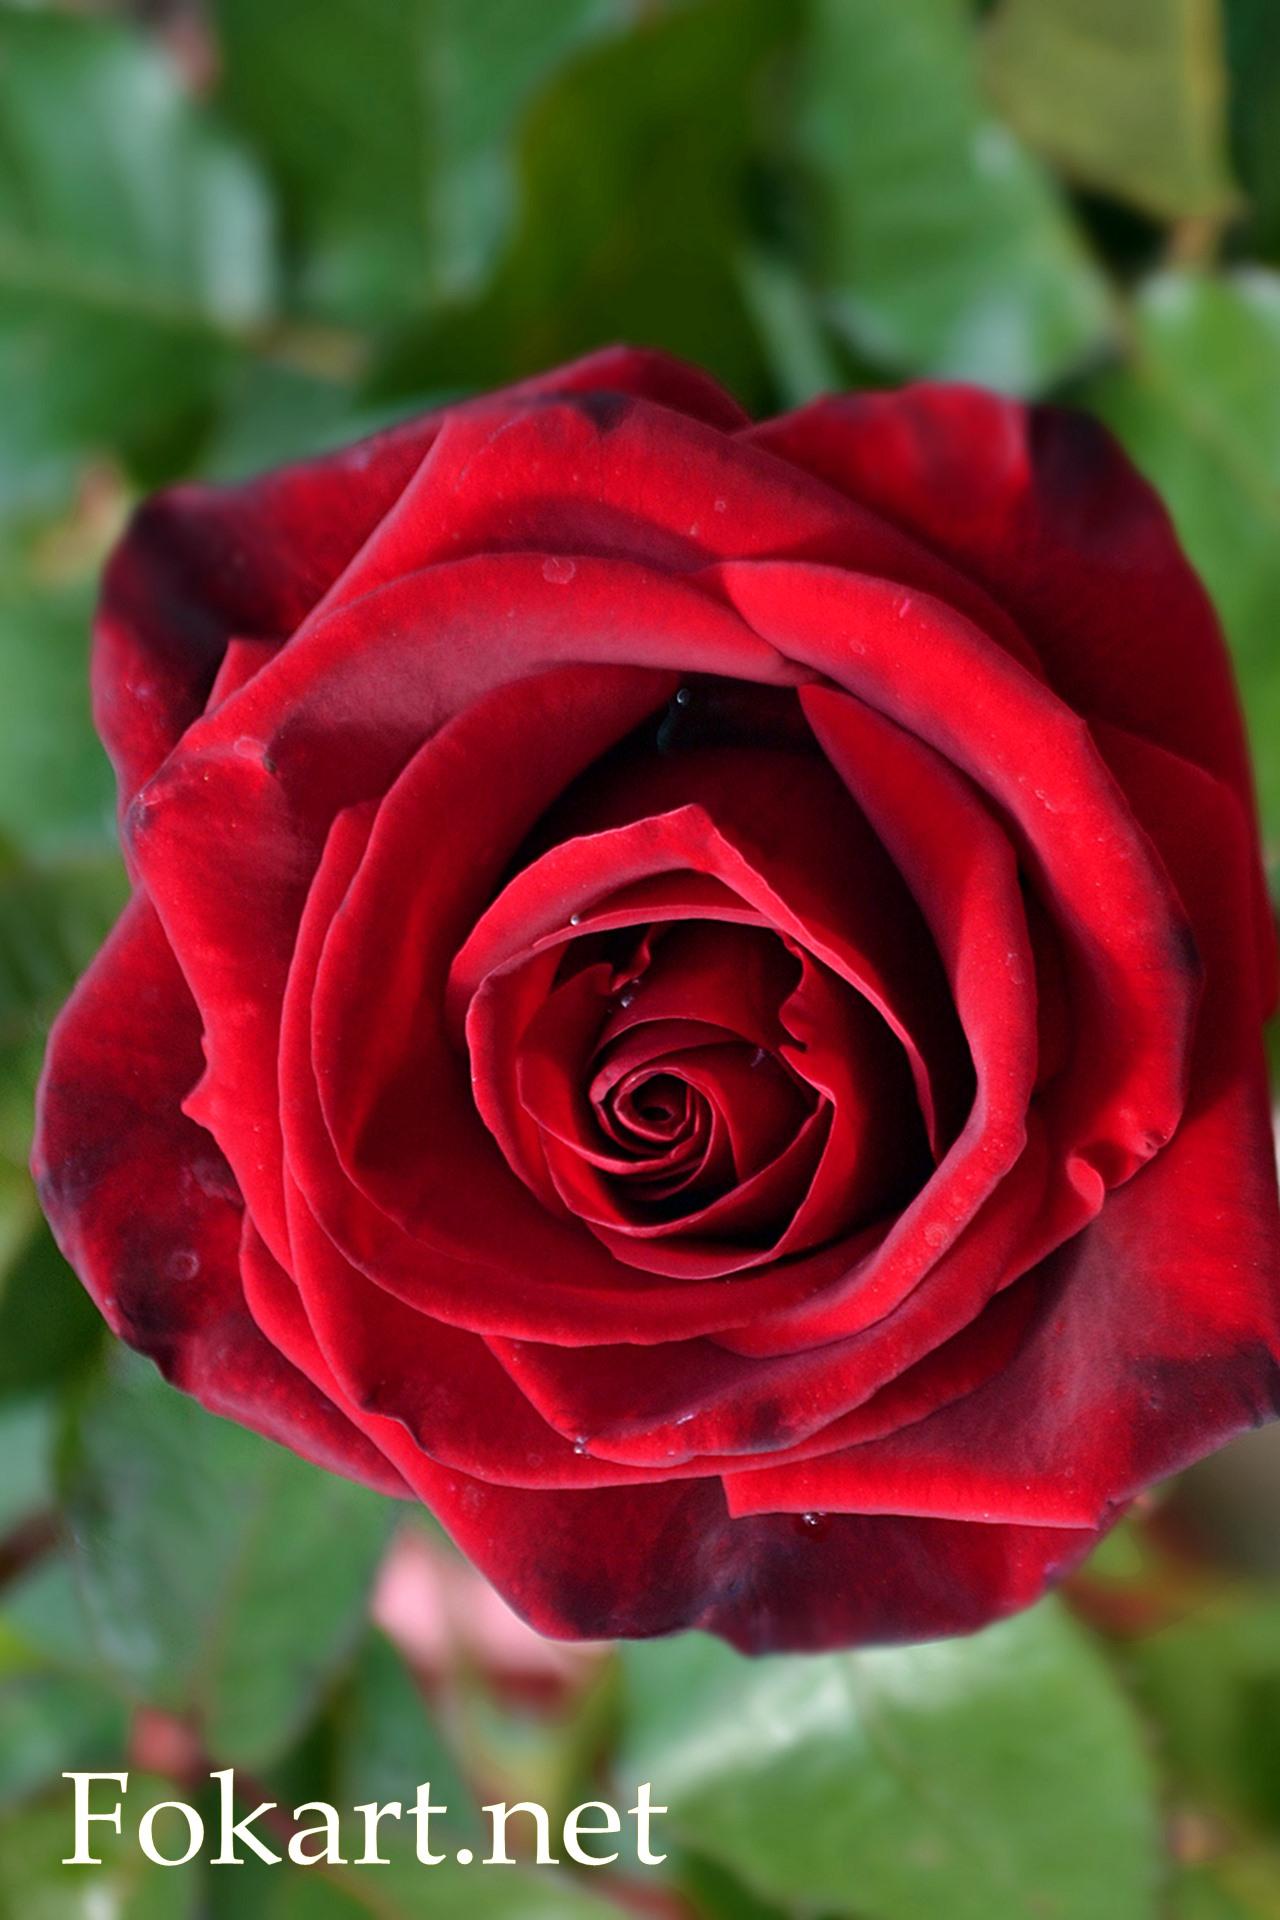 Роза цвета вишни, вертикальная картинка